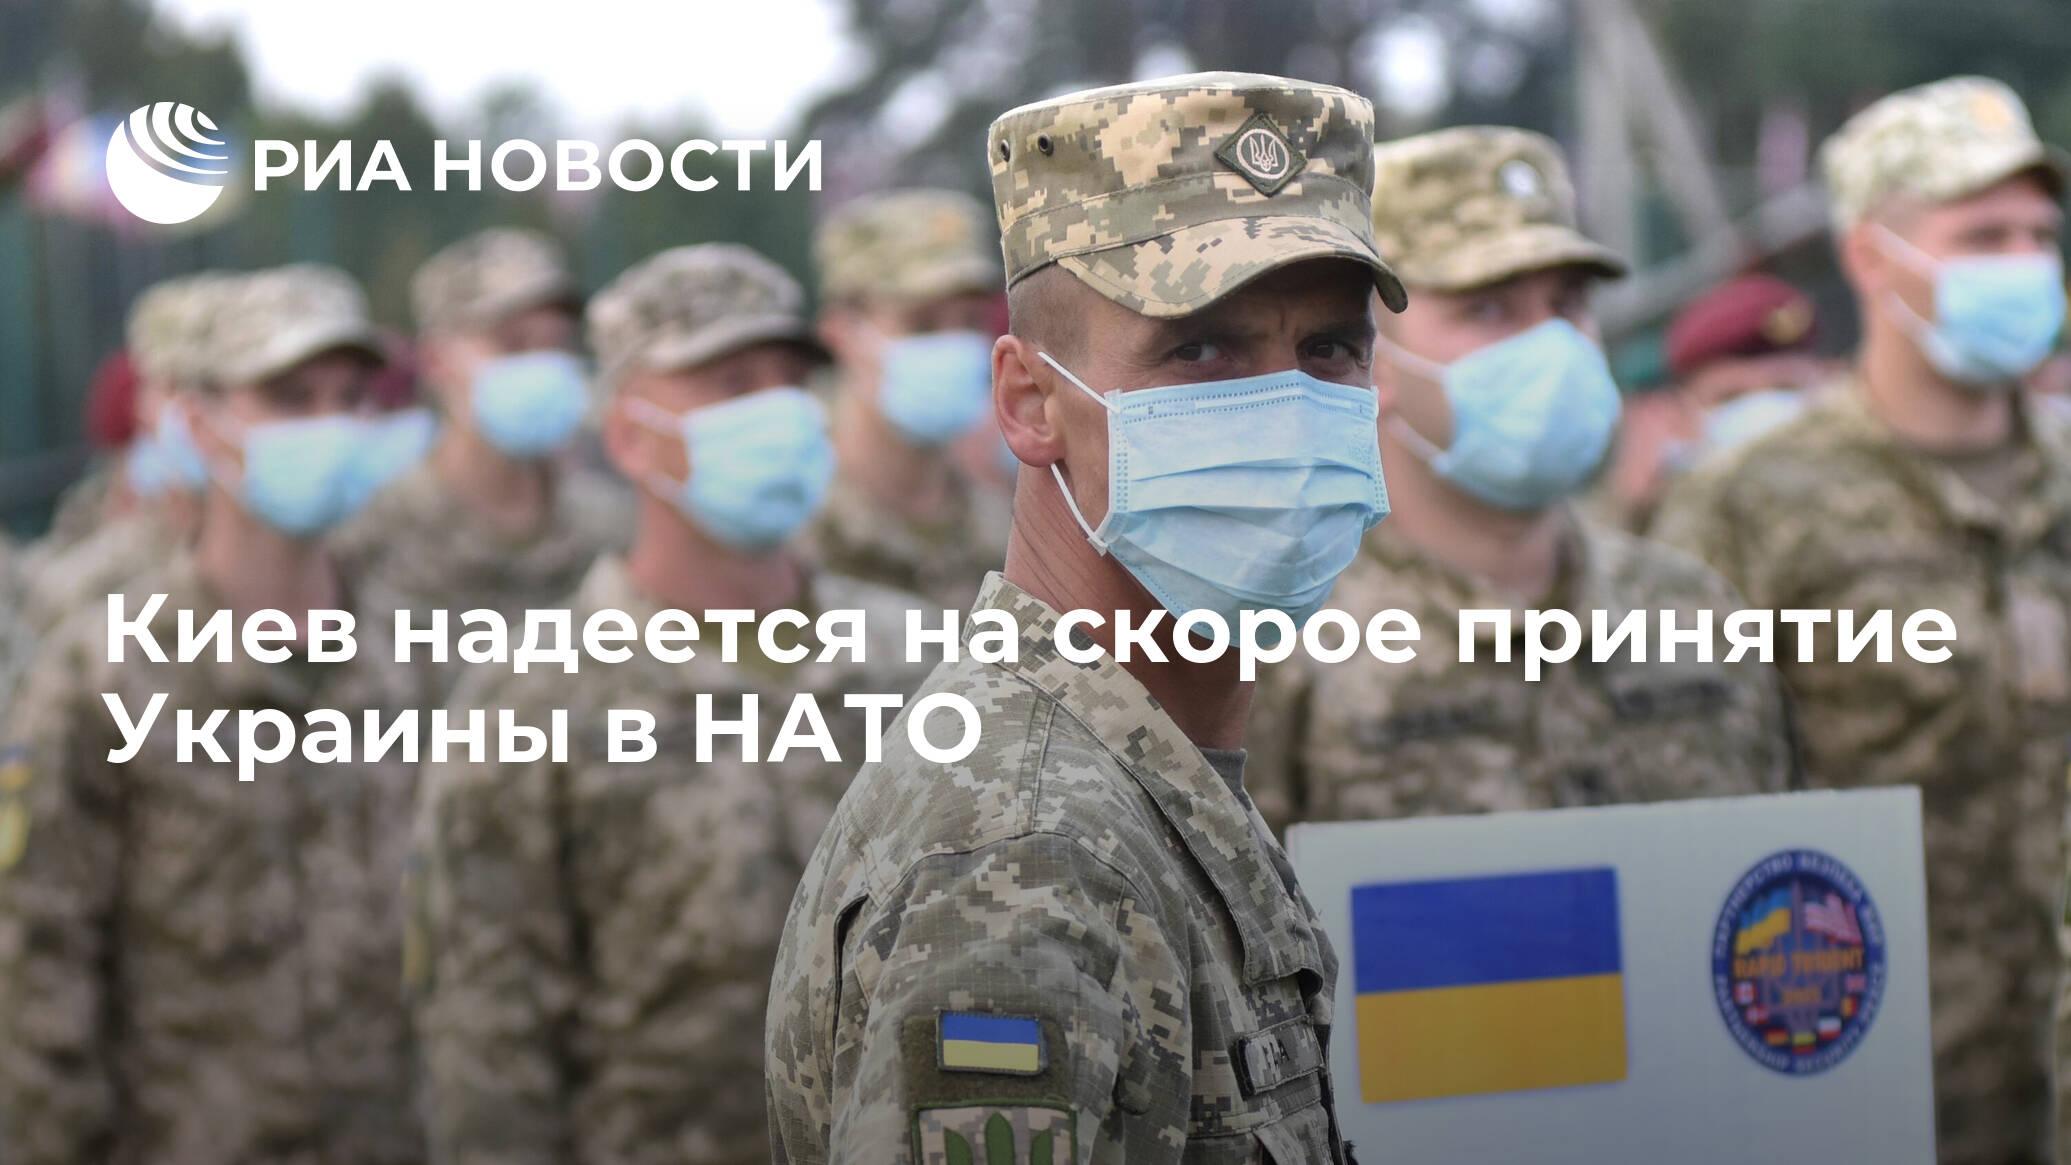 Киев надеется на скорое принятие Украины в НАТО